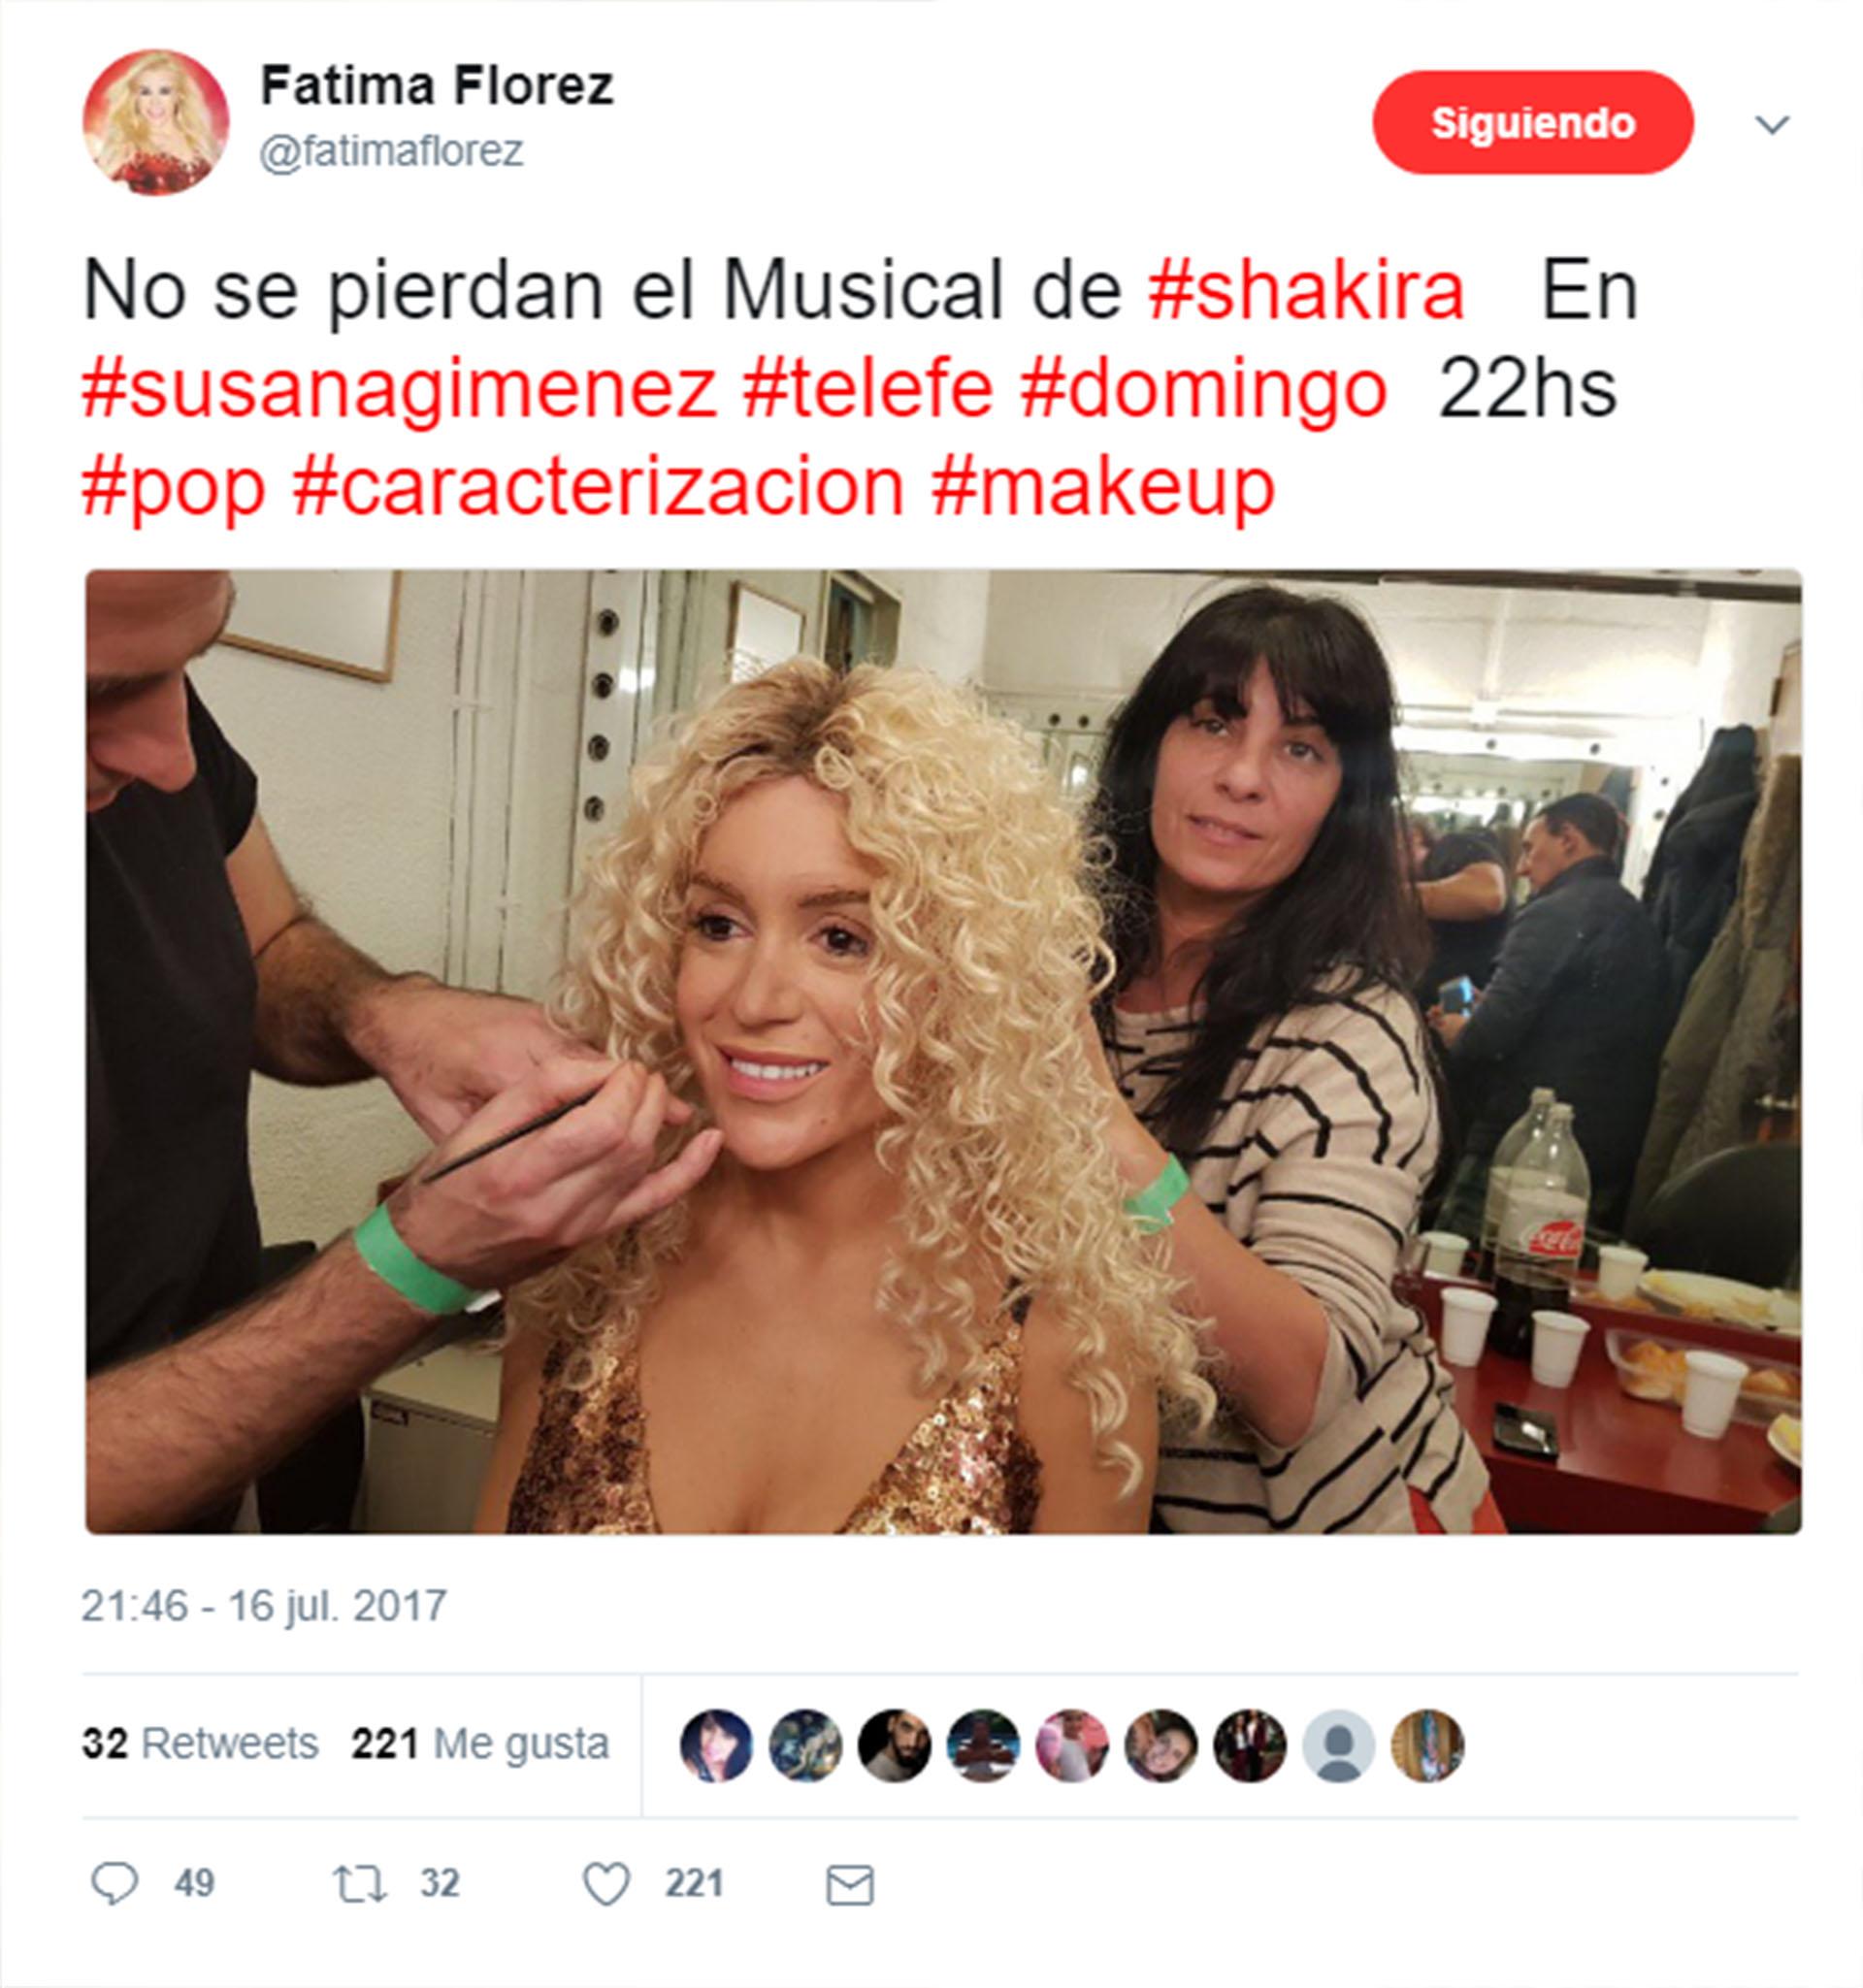 La publicación de Fátima Florez, antes de comenzar el programa